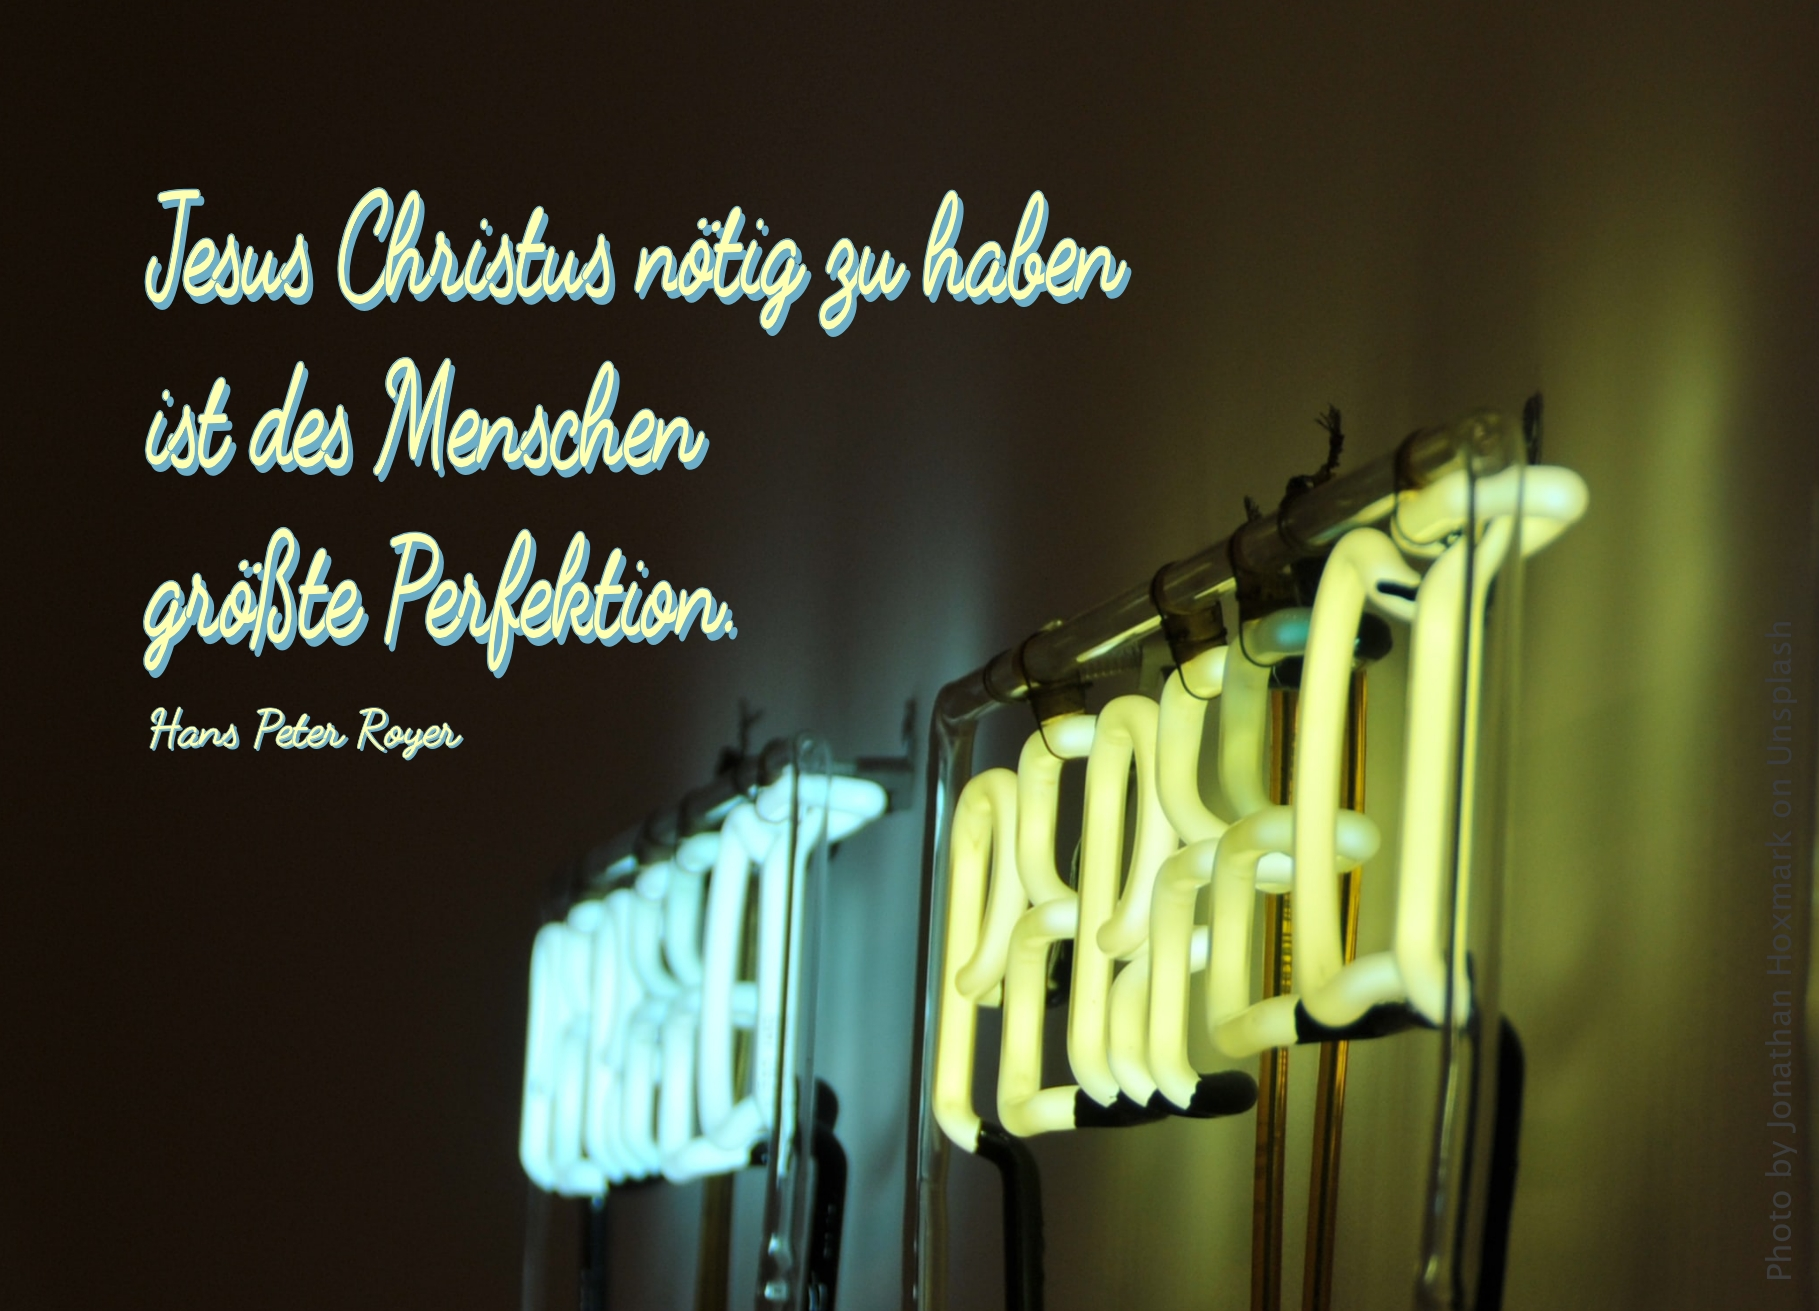 Zwei Worte in Neon-Leucht-Schrift von schräger Seite